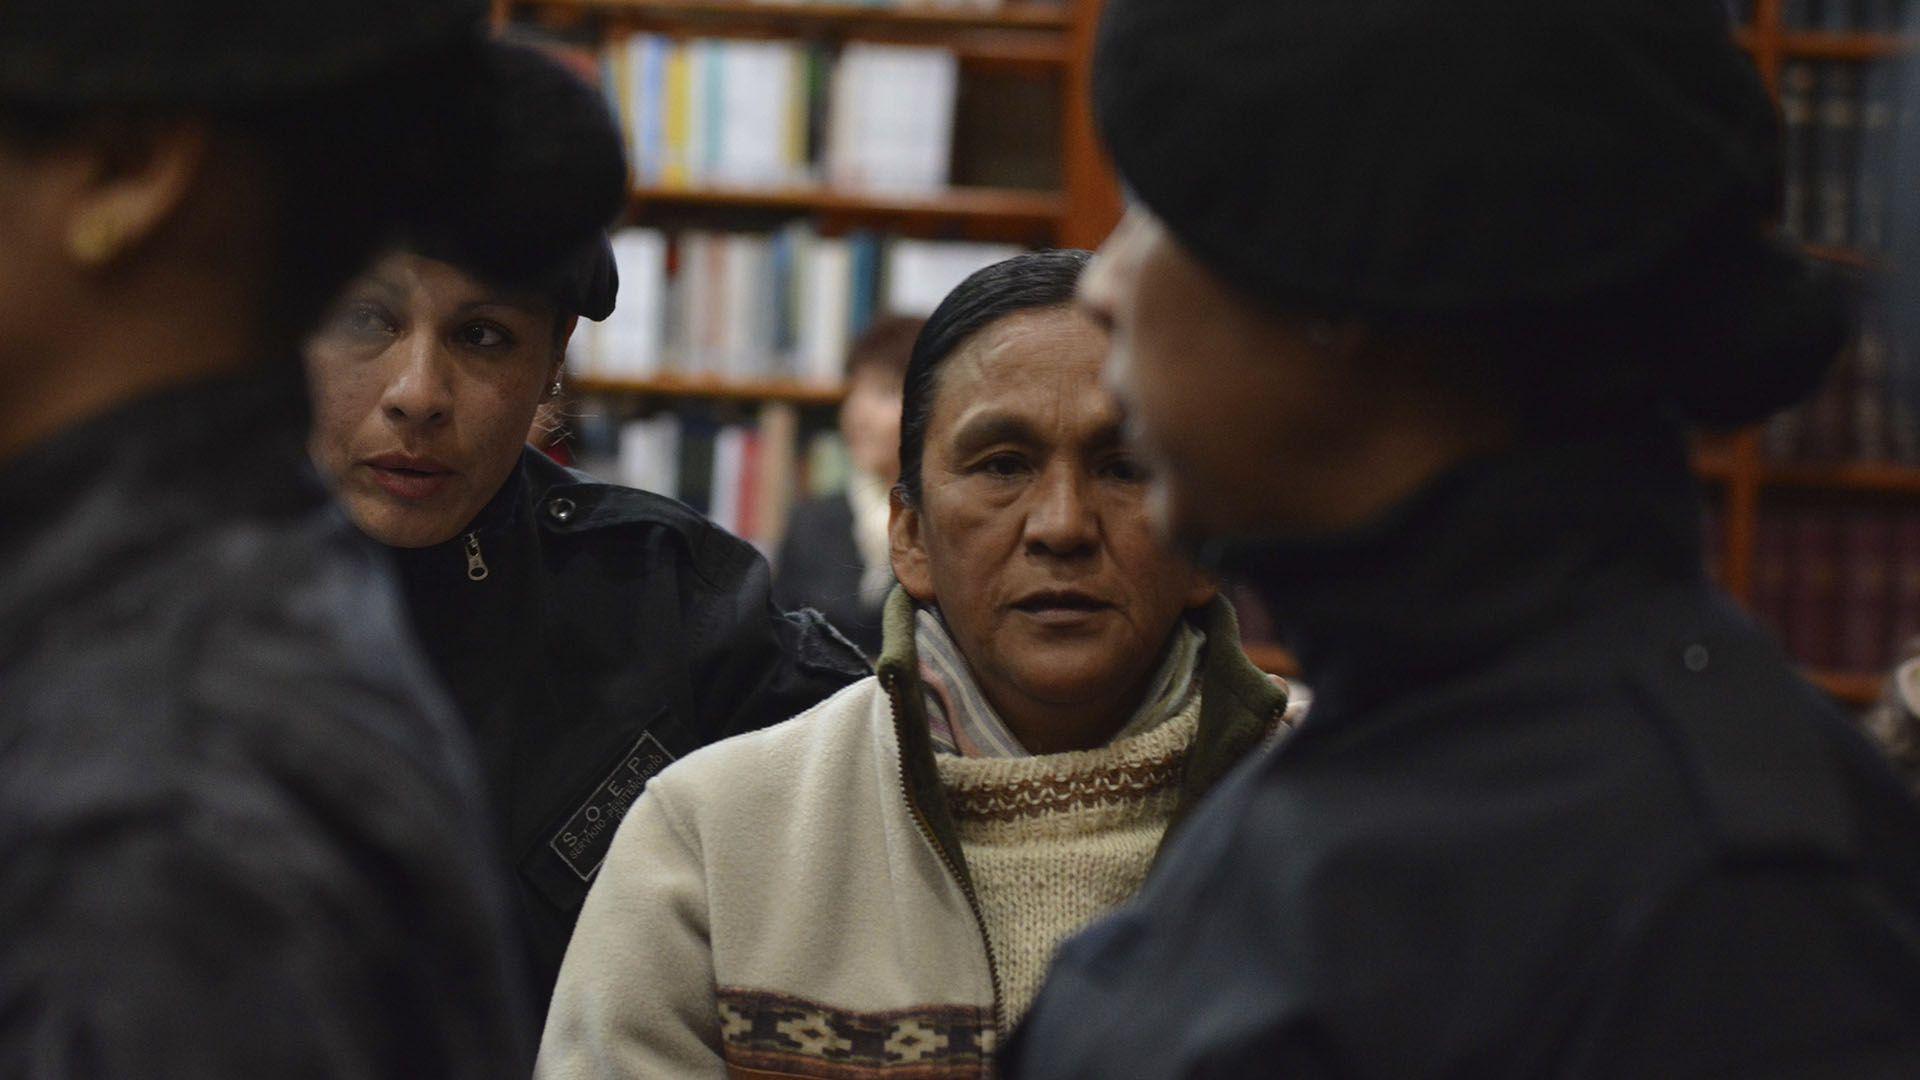 Milagro Sala fue condenada a 13 años de prisión por daño agravado y a 4 años por lesiones graves a un dirigente social de Jujuy (foto Juan Fernández)